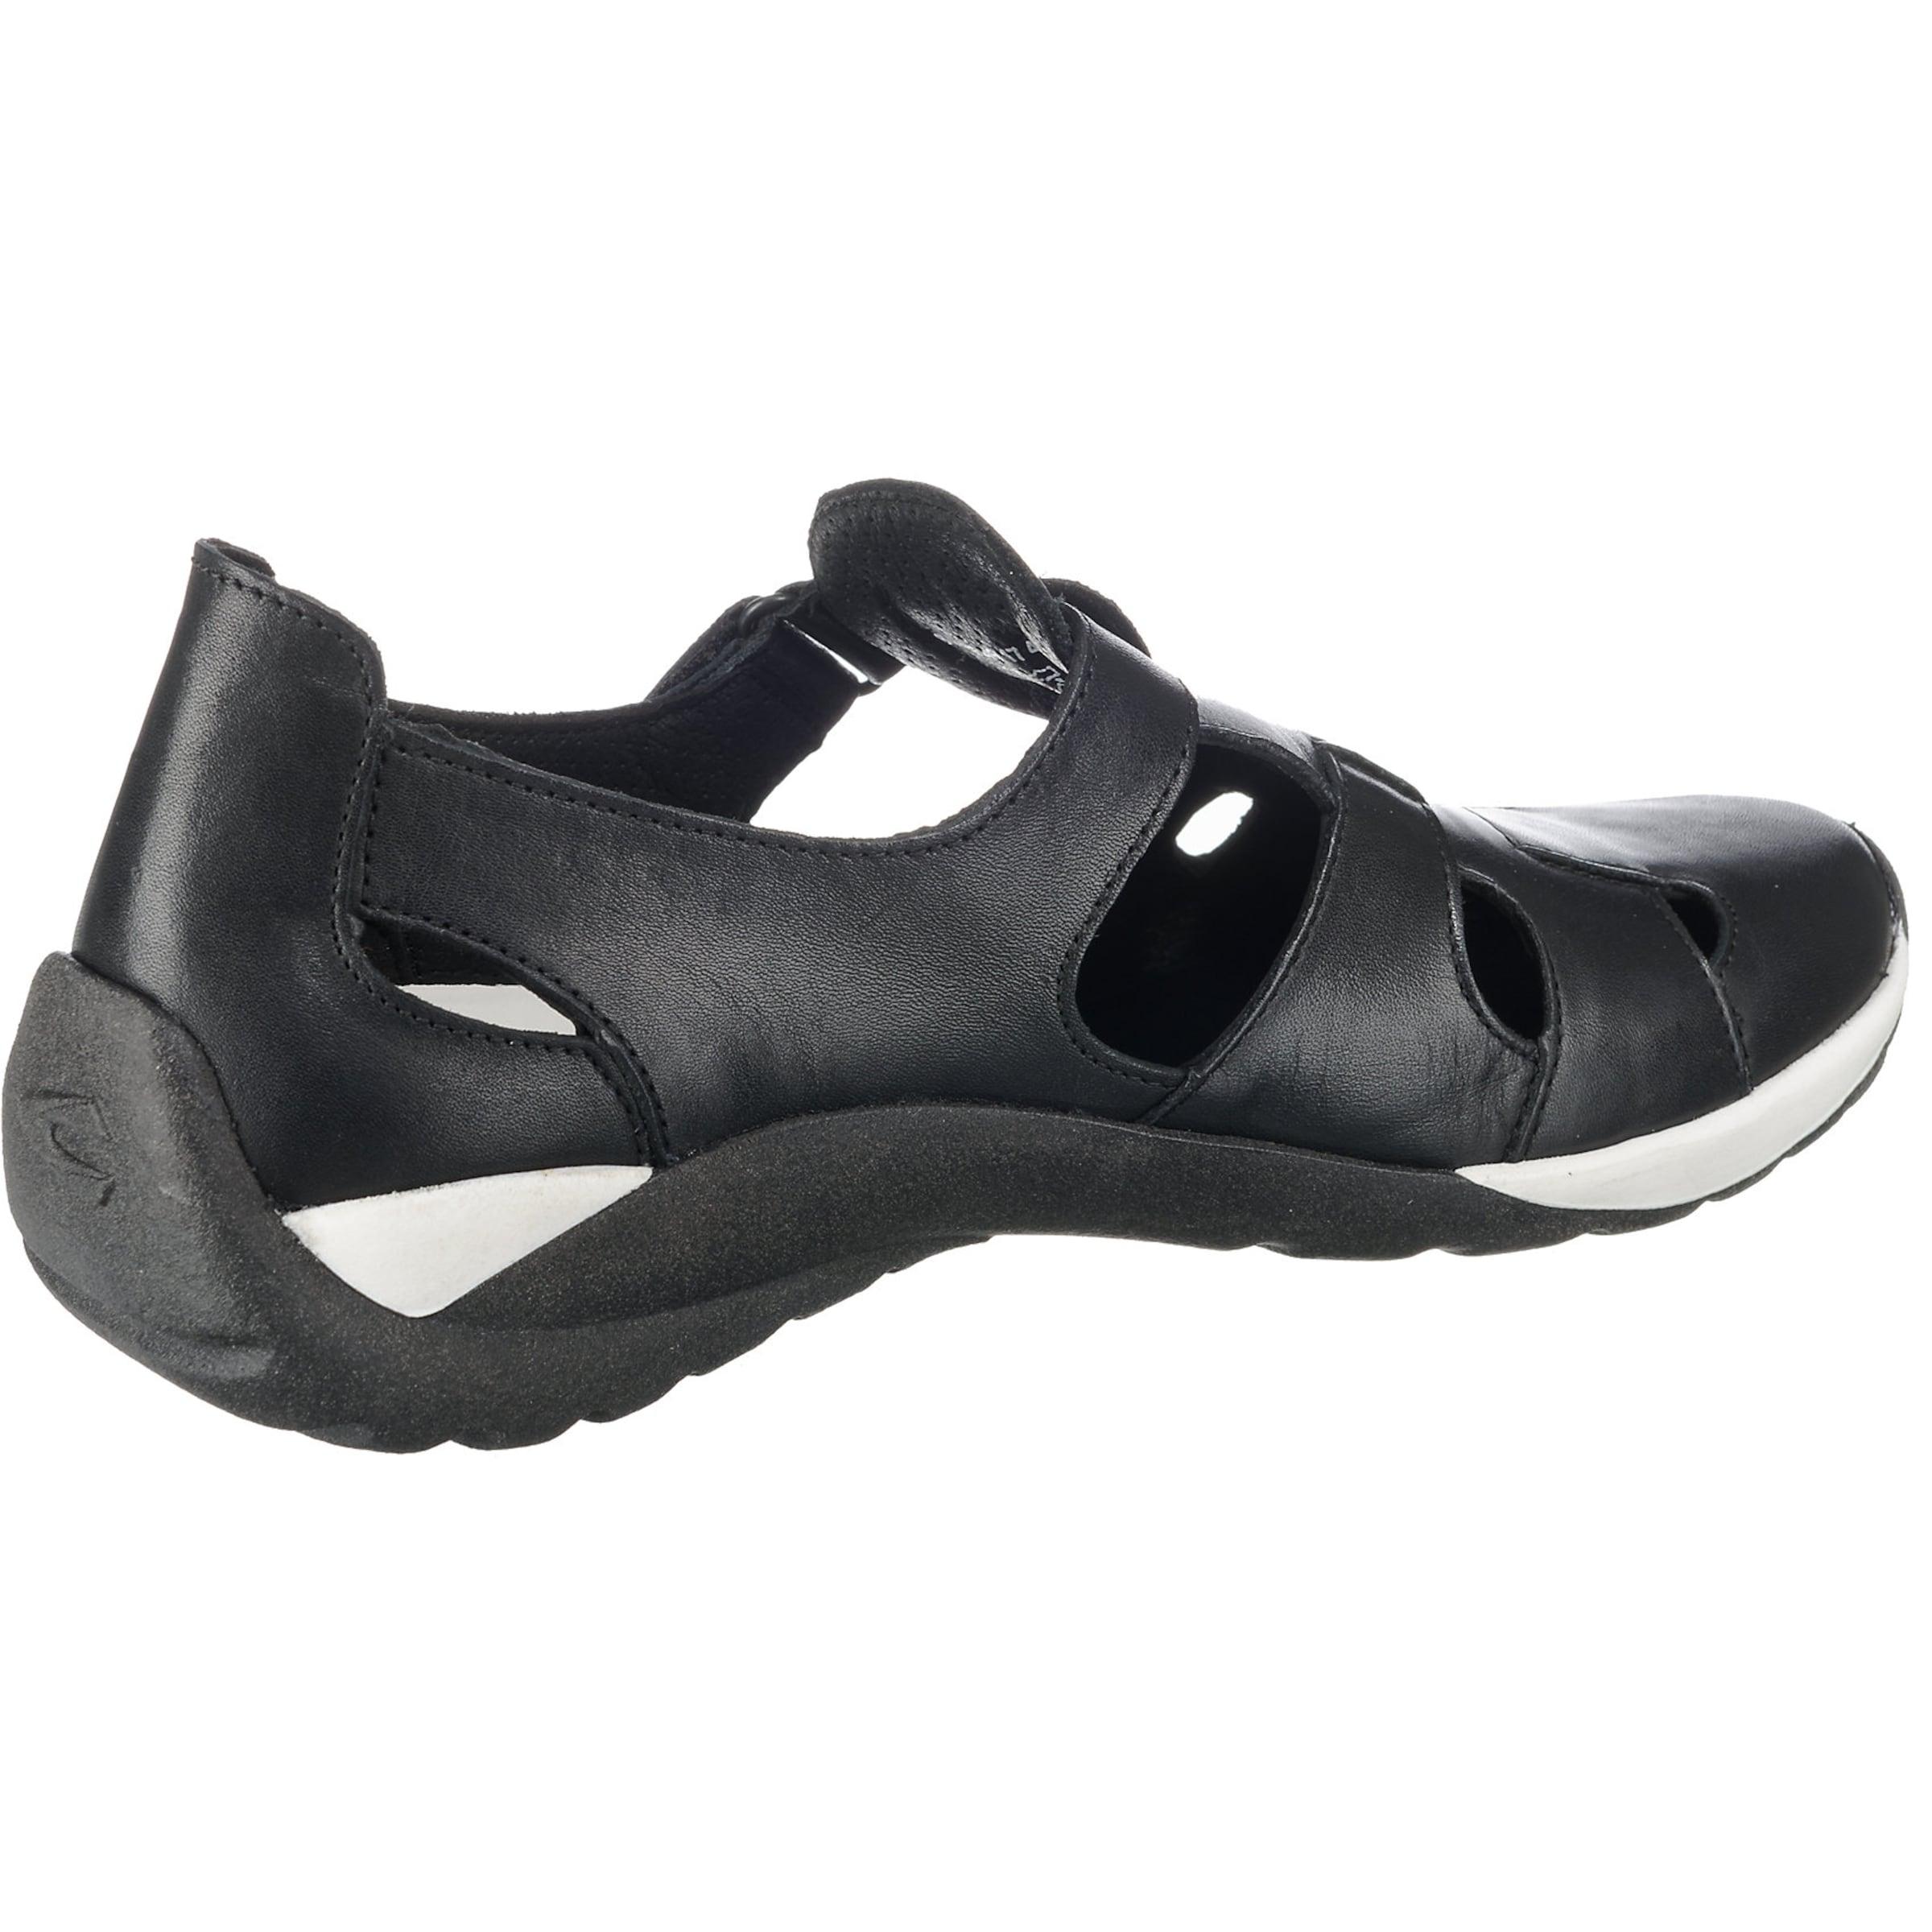 CAMEL ACTIVE Moonlight 75 Klassische Sandalen Billig Verkauf Großhandelspreis hSGjyUURby